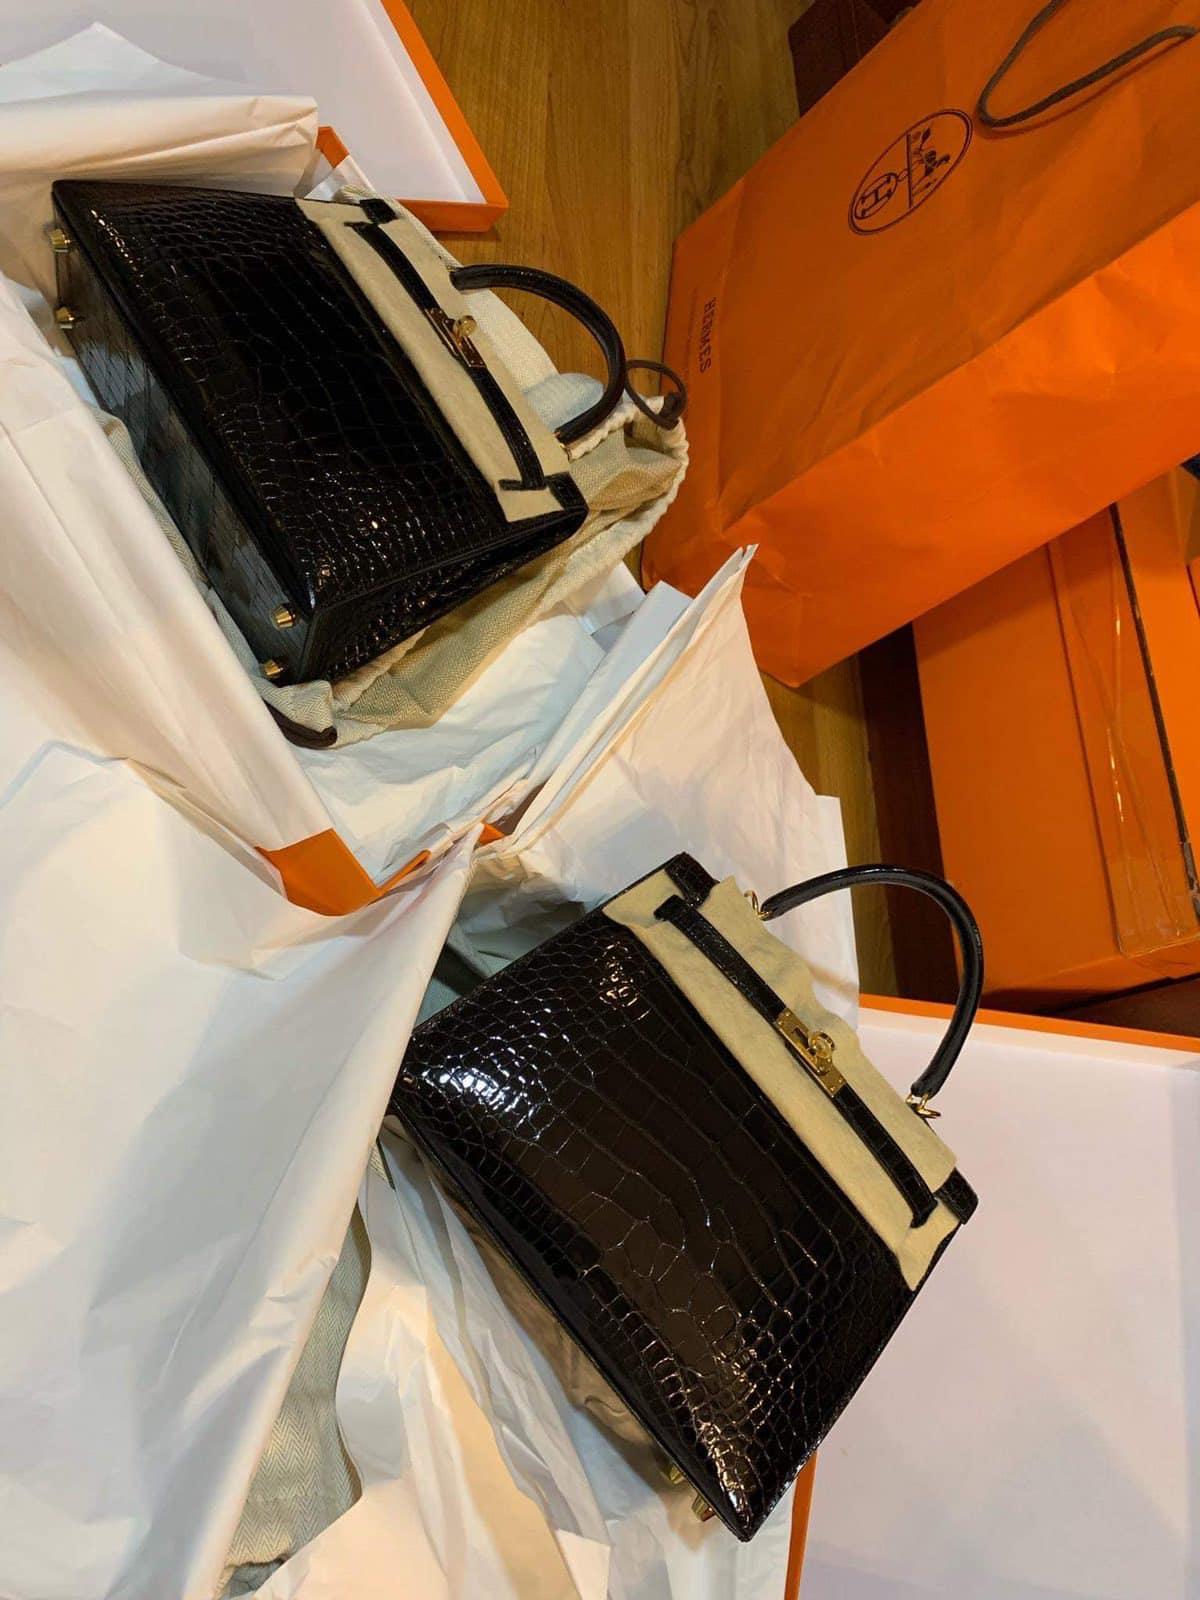 Hot mom nhiều túi Hermès hơn cả Ngọc Trinh lần đầu hé lộ gia tài túi hơn 30 tỷ, nhiều mẫu hot hit chưa chắc có tiền đã mua được - Ảnh 13.